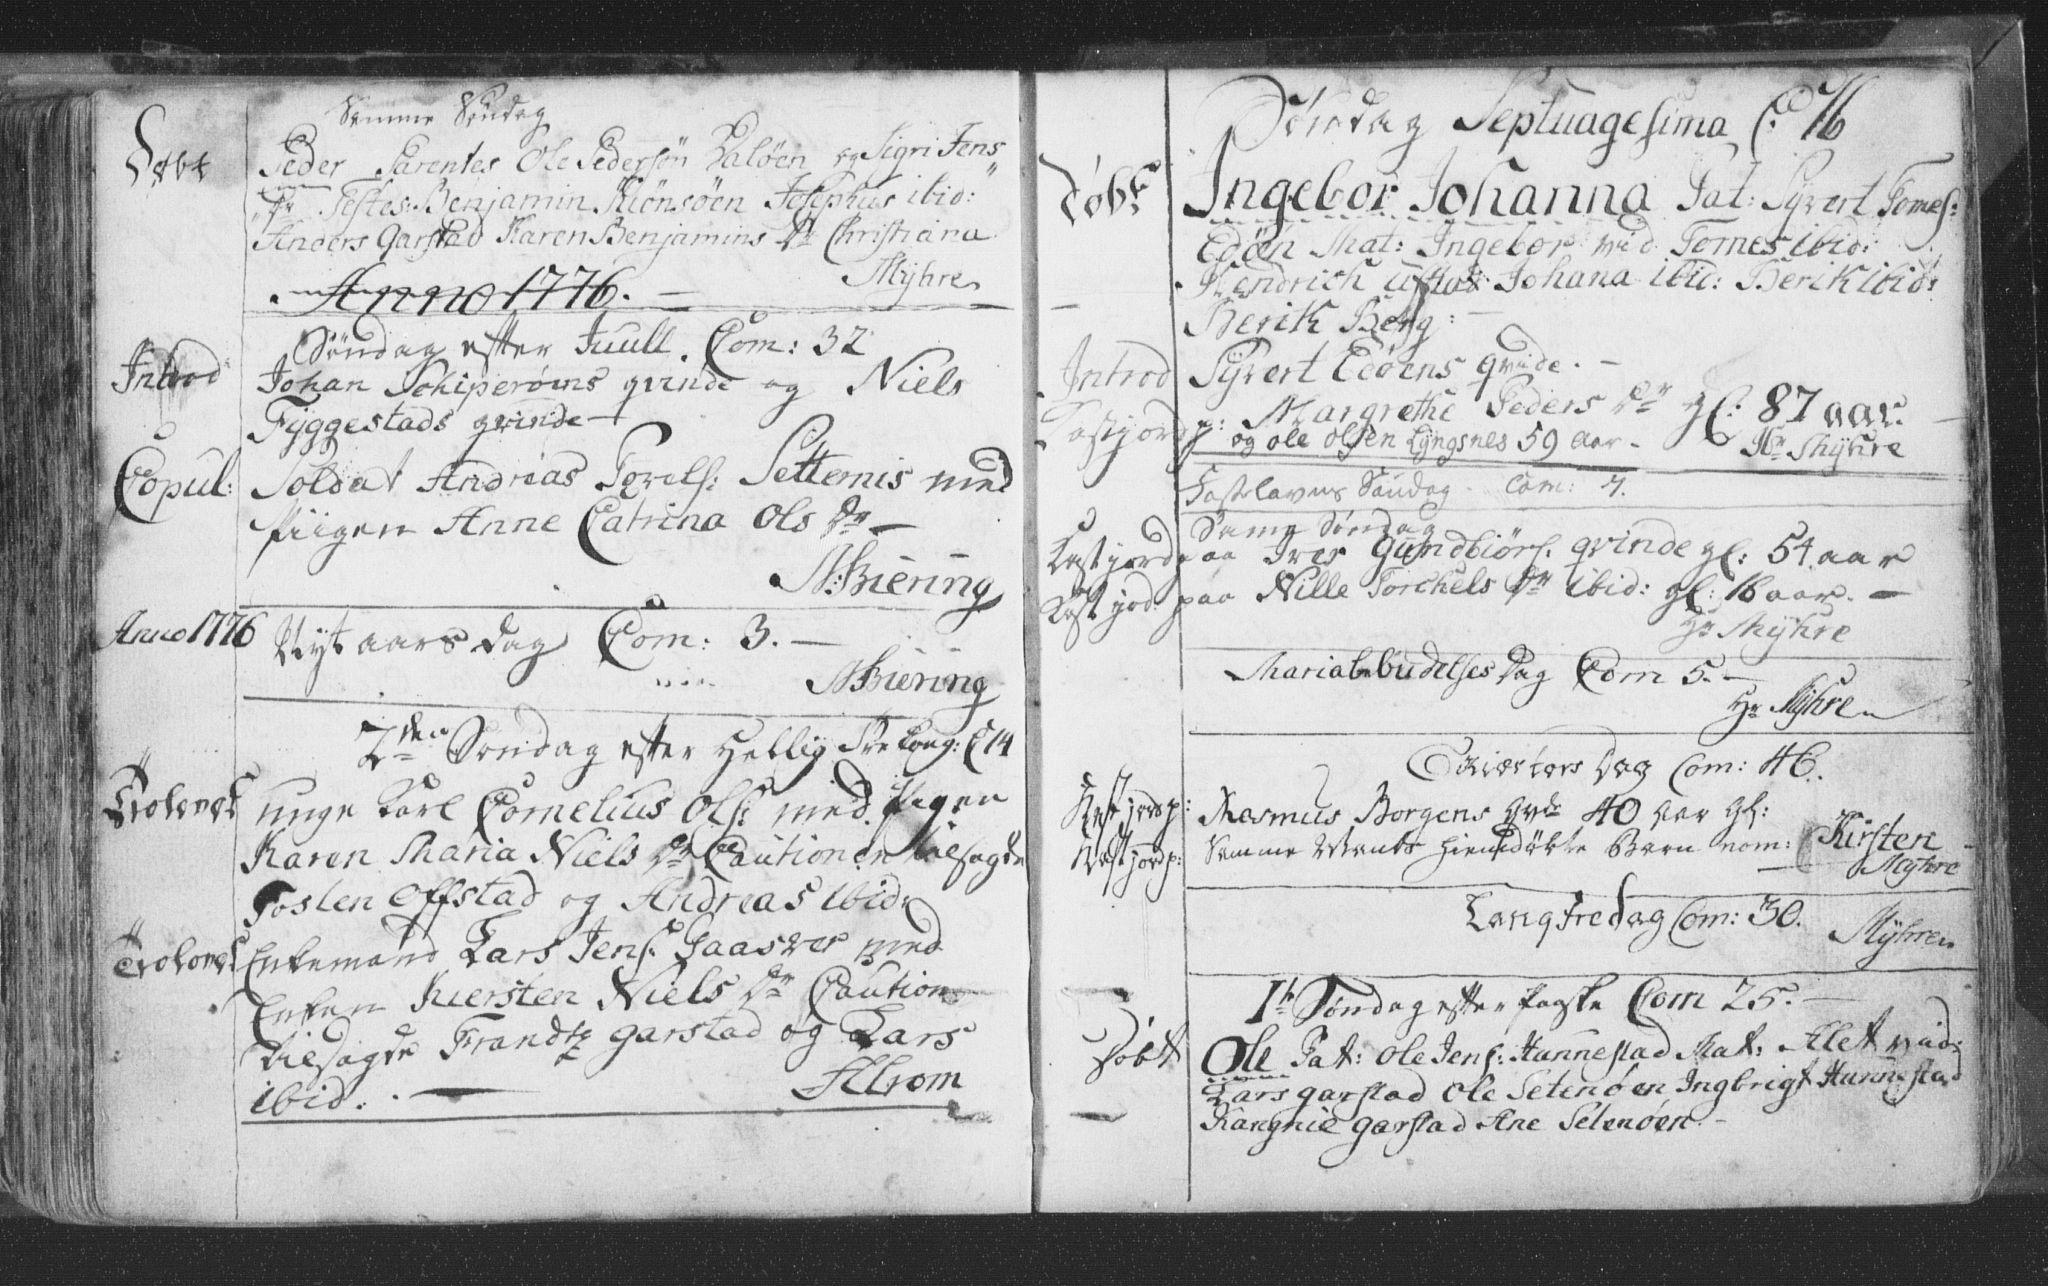 SAT, Ministerialprotokoller, klokkerbøker og fødselsregistre - Nord-Trøndelag, 786/L0685: Ministerialbok nr. 786A01, 1710-1798